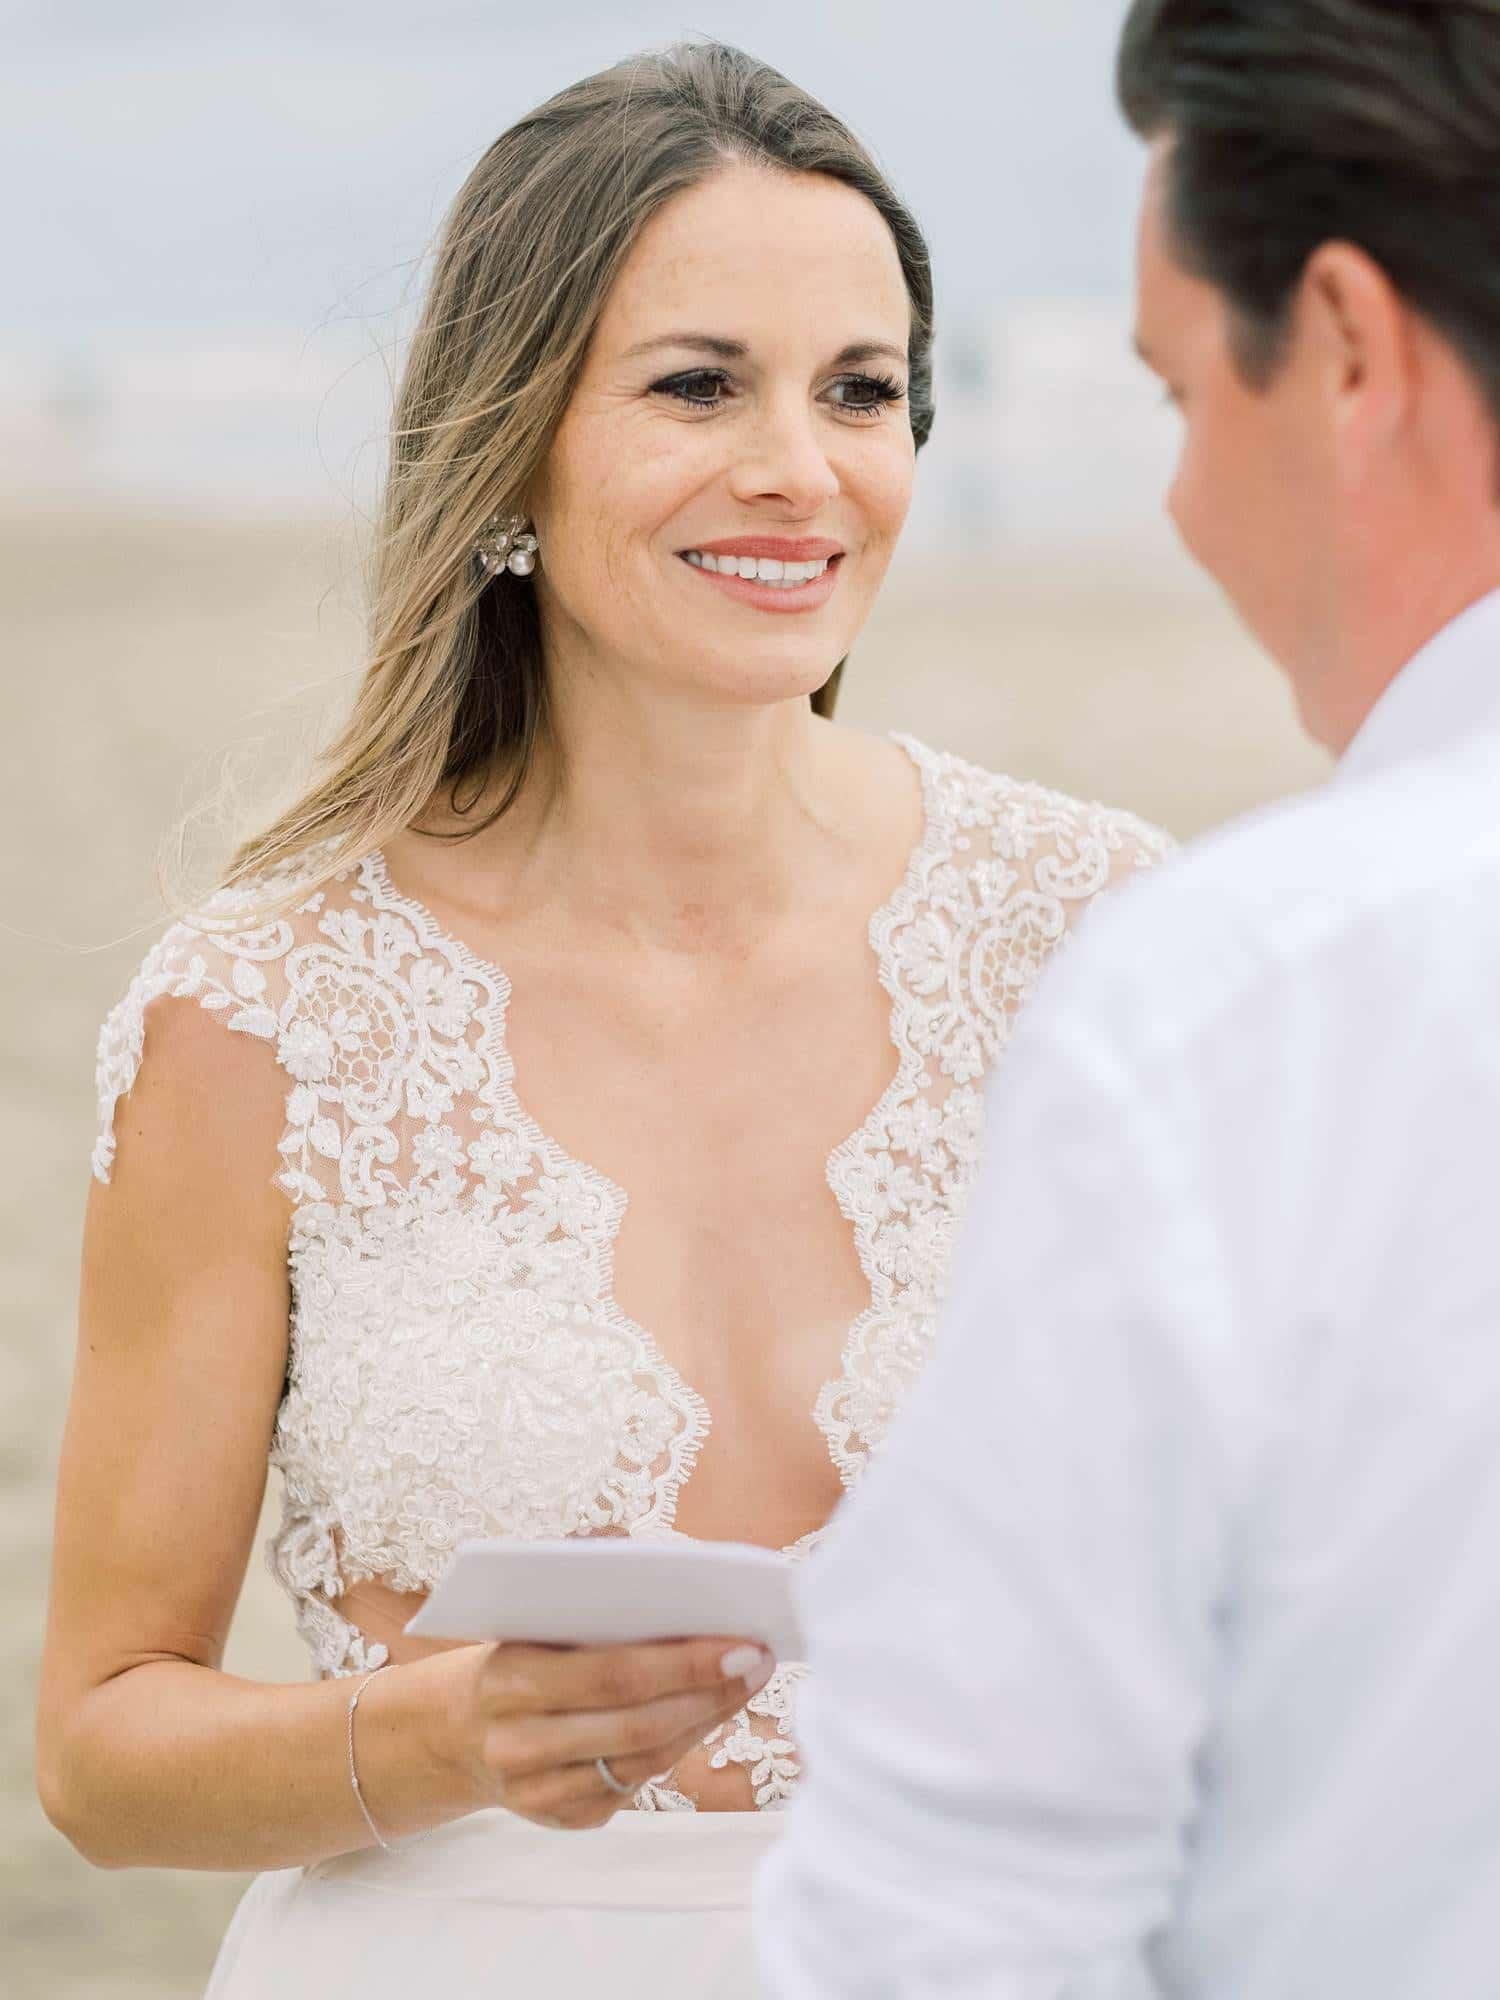 strandhuwelijk Zandvoort